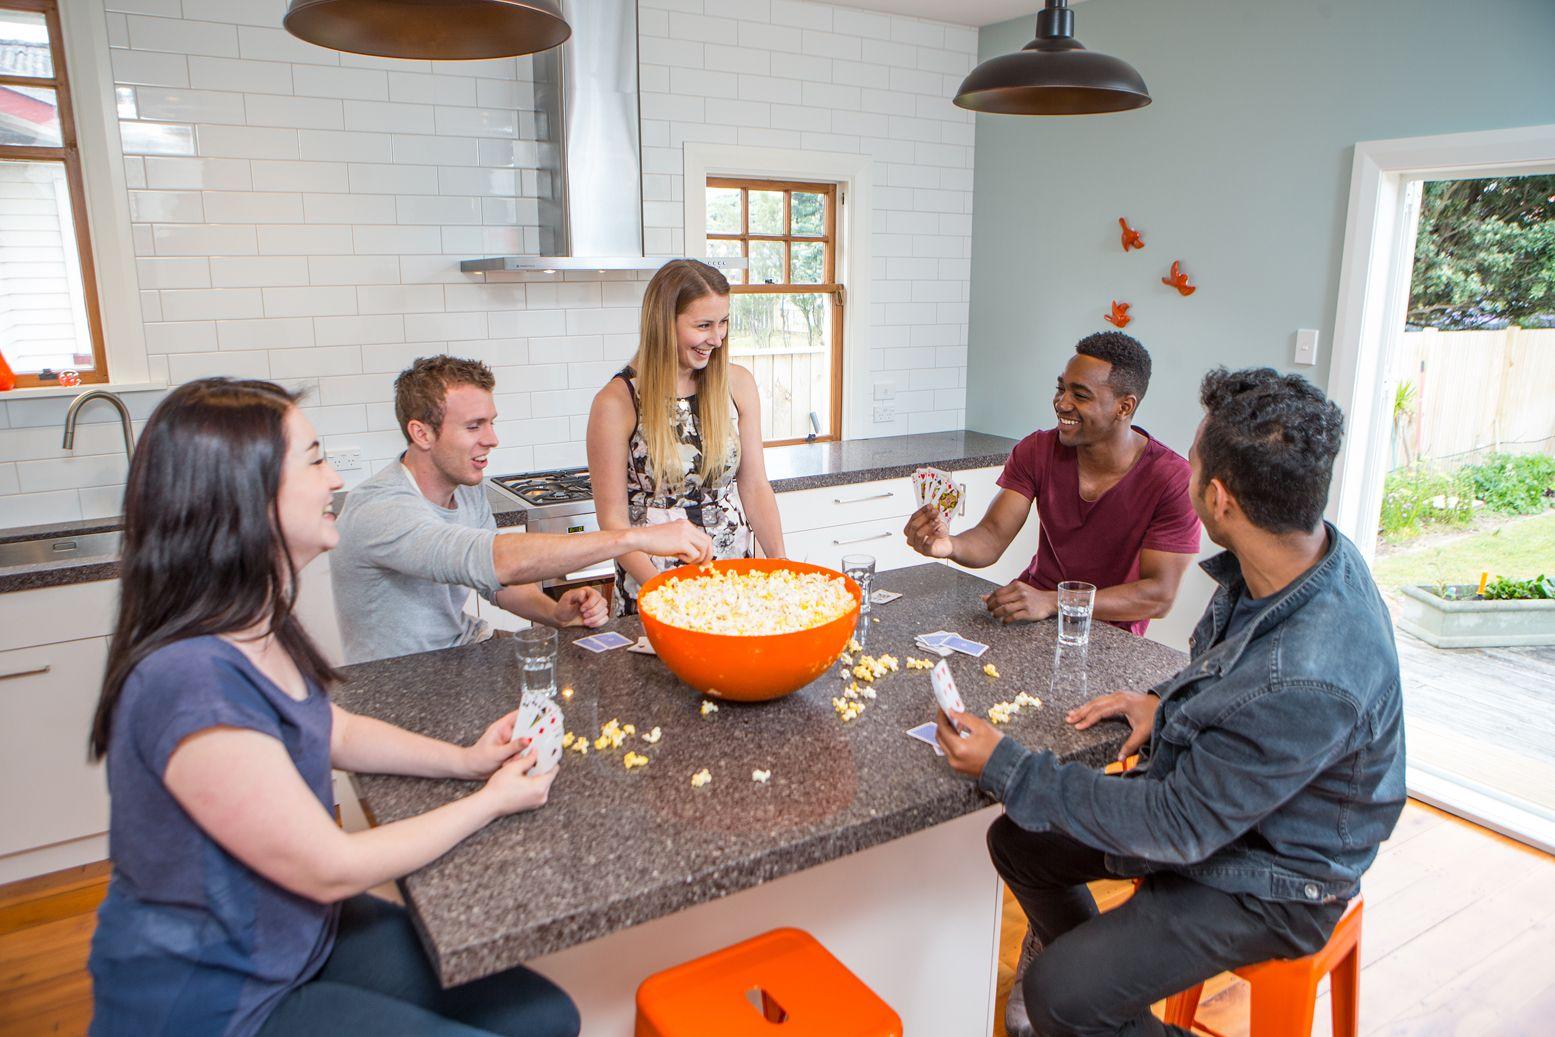 Nett Küchendesign Nz New Plymouth Ideen - Ideen Für Die Küche ...